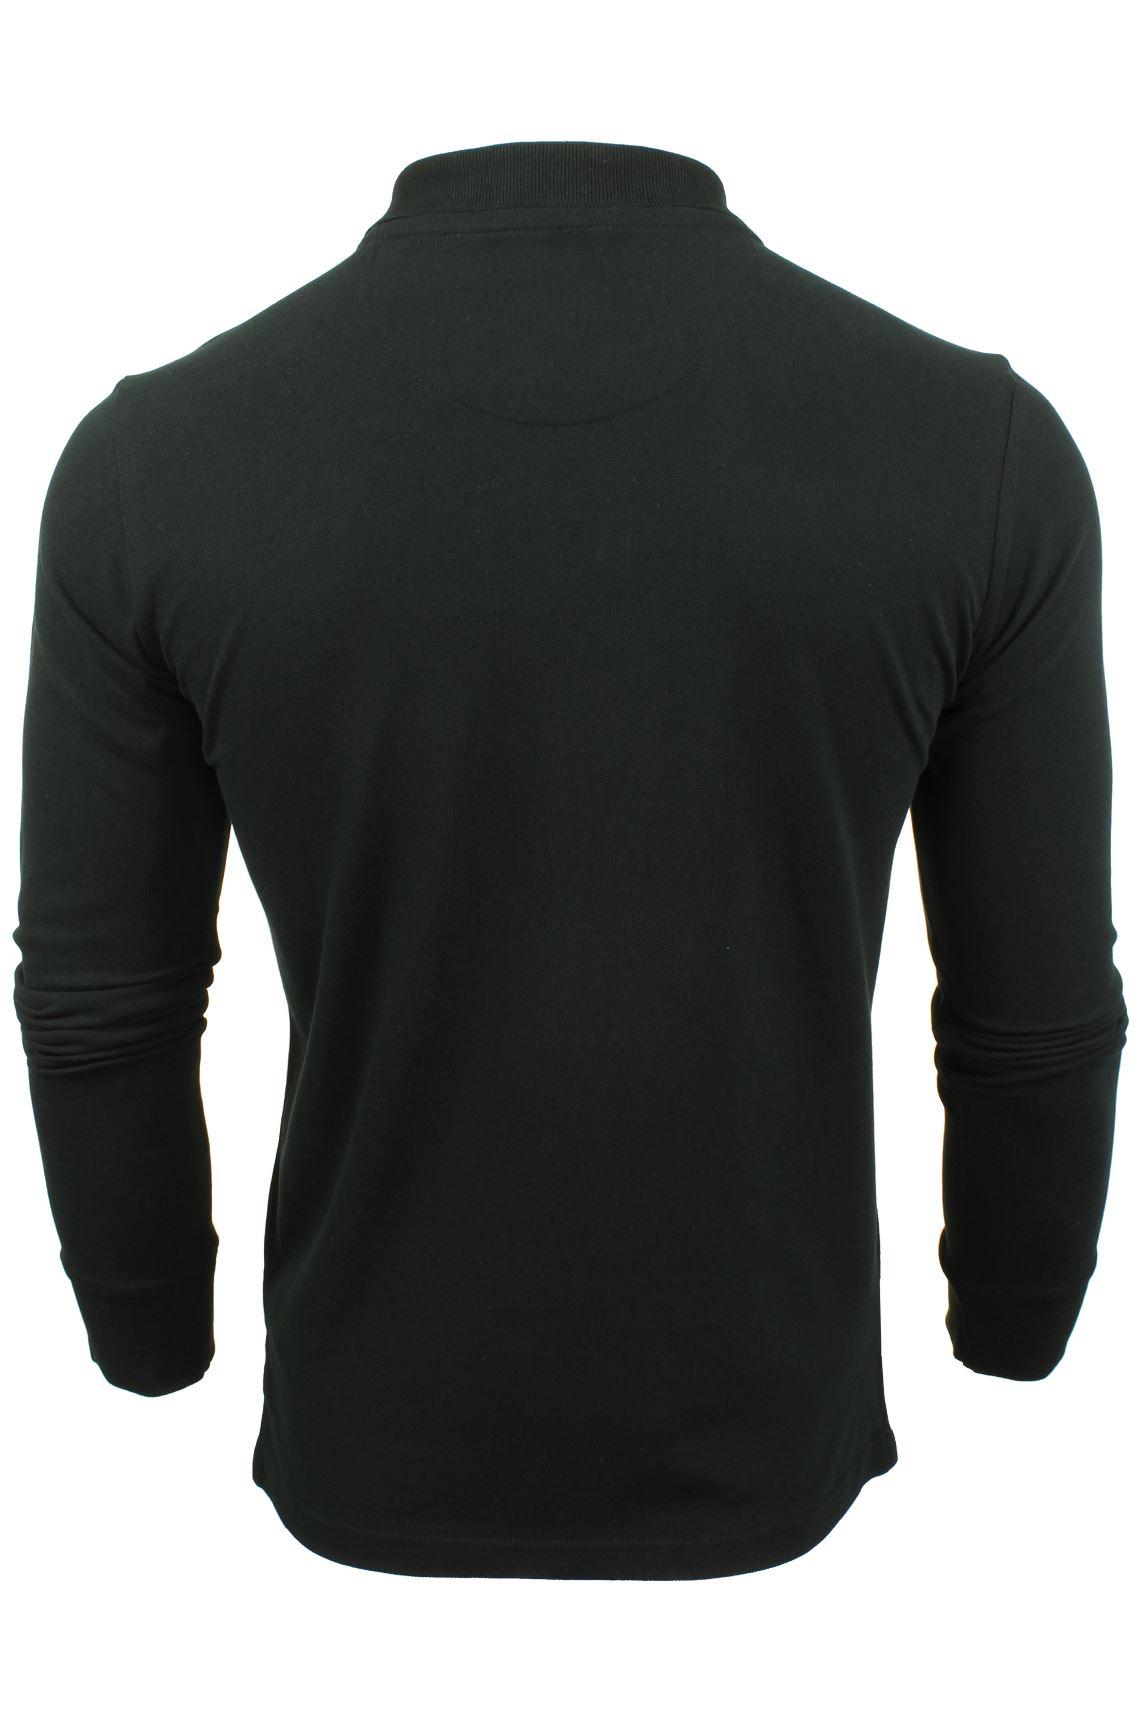 Camiseta-Polo-Para-Hombre-Por-Xact-pique-de-manga-larga miniatura 5